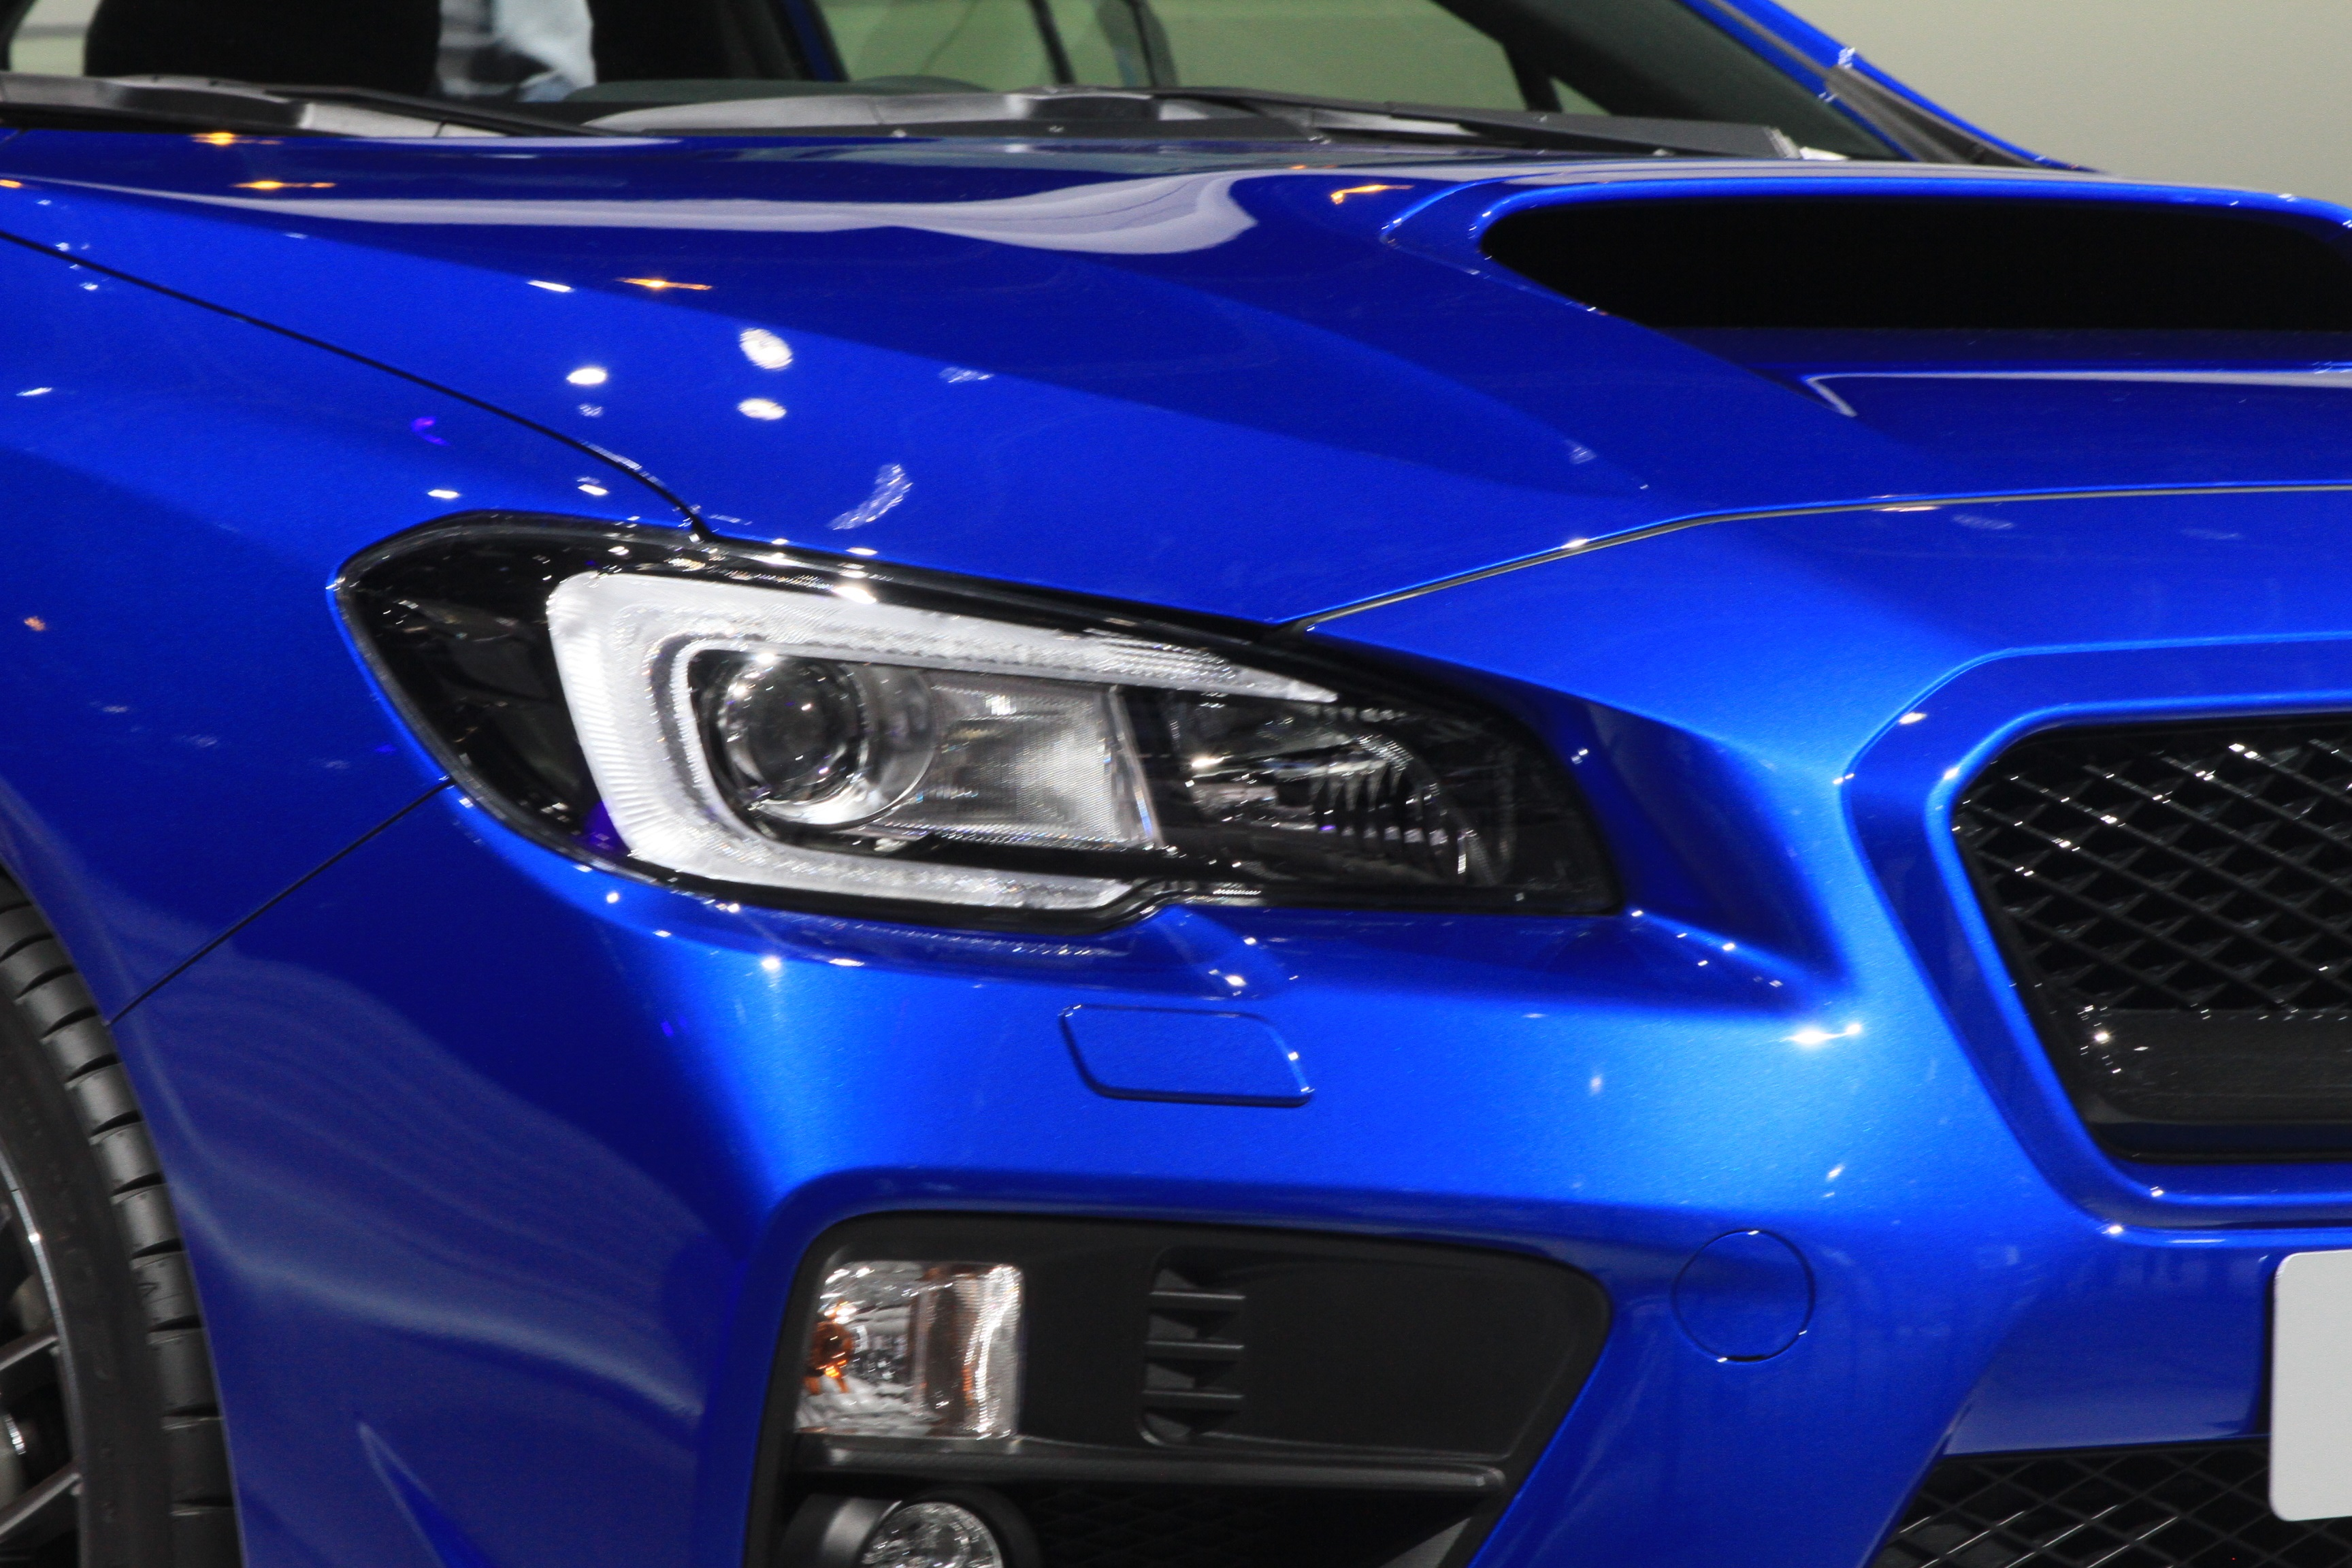 STIхия — гравий: смотрим на новое поколение самой быстрой Subaru